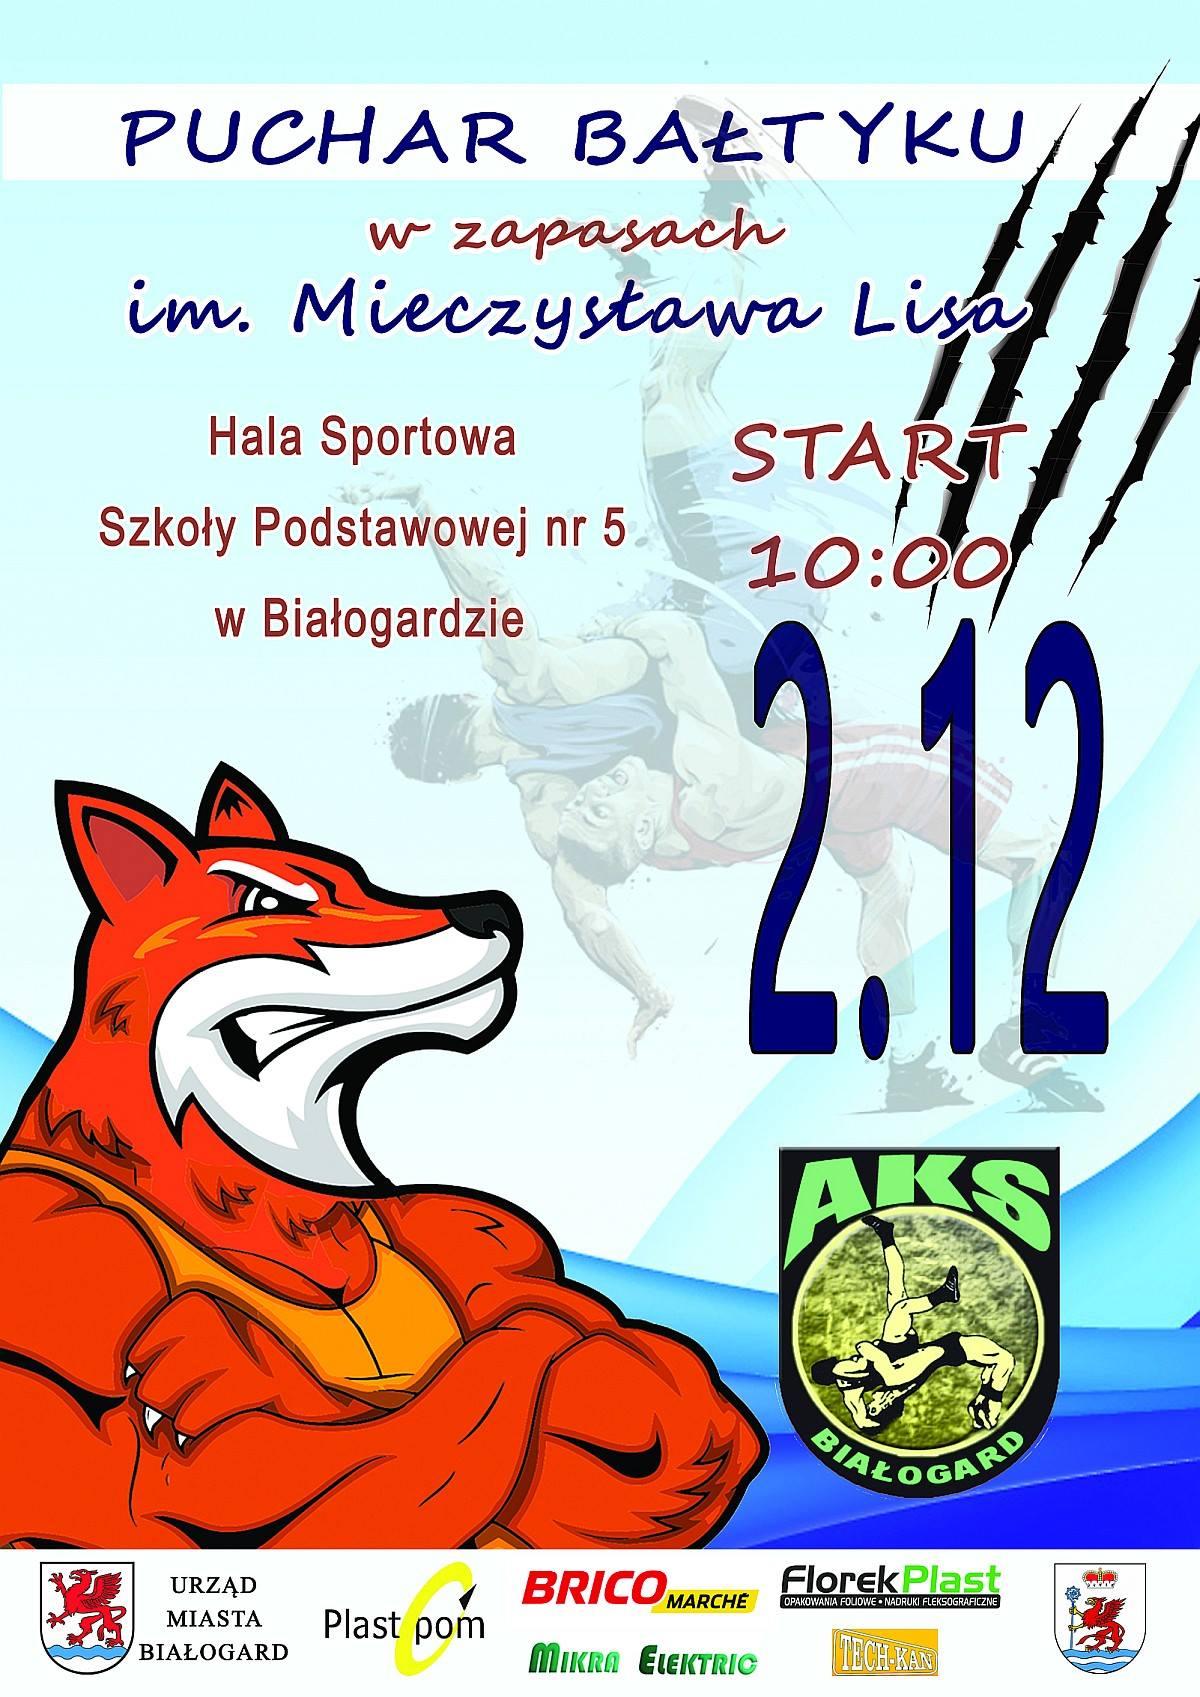 MIĘDZYNARODOWY PUCHAR BAŁTYKU w zapasach im. Mieczysława Lisa